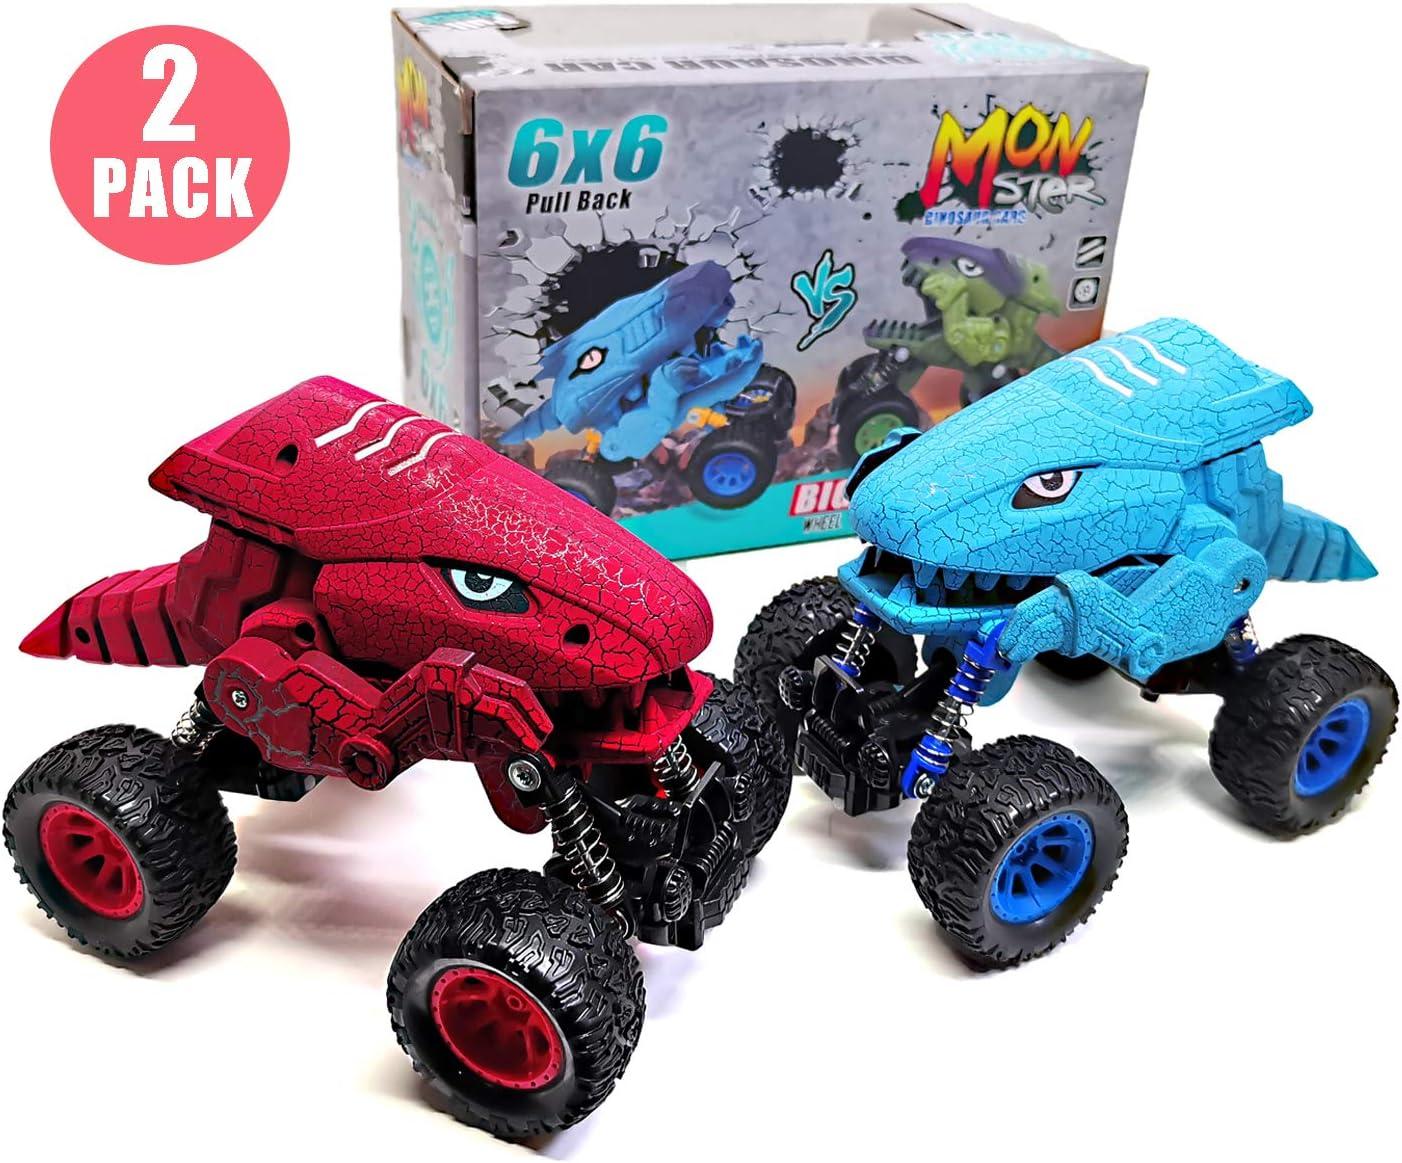 CYKT Dinosaur Toys for Boys, New Model Dinosaur Pull Back, Mejores Regalos para niños de 3-6 años, Regalos de cumpleaños más Populares para niños de 3, 4, 5, 6, 7 (Paquete de 2)